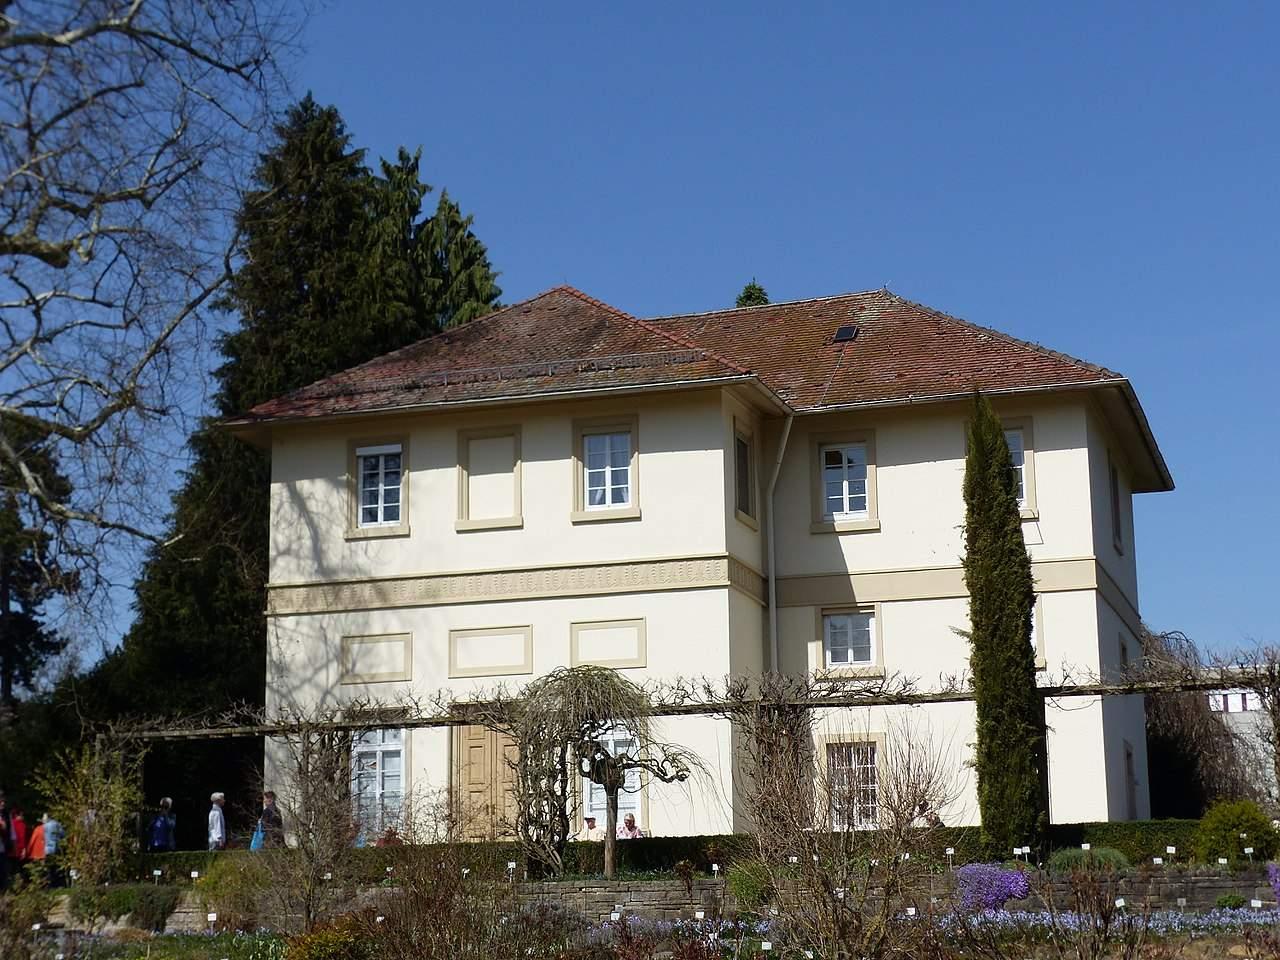 1280px Sogenanntes Spielhaus Exotischer Garten 1 Stuttgart